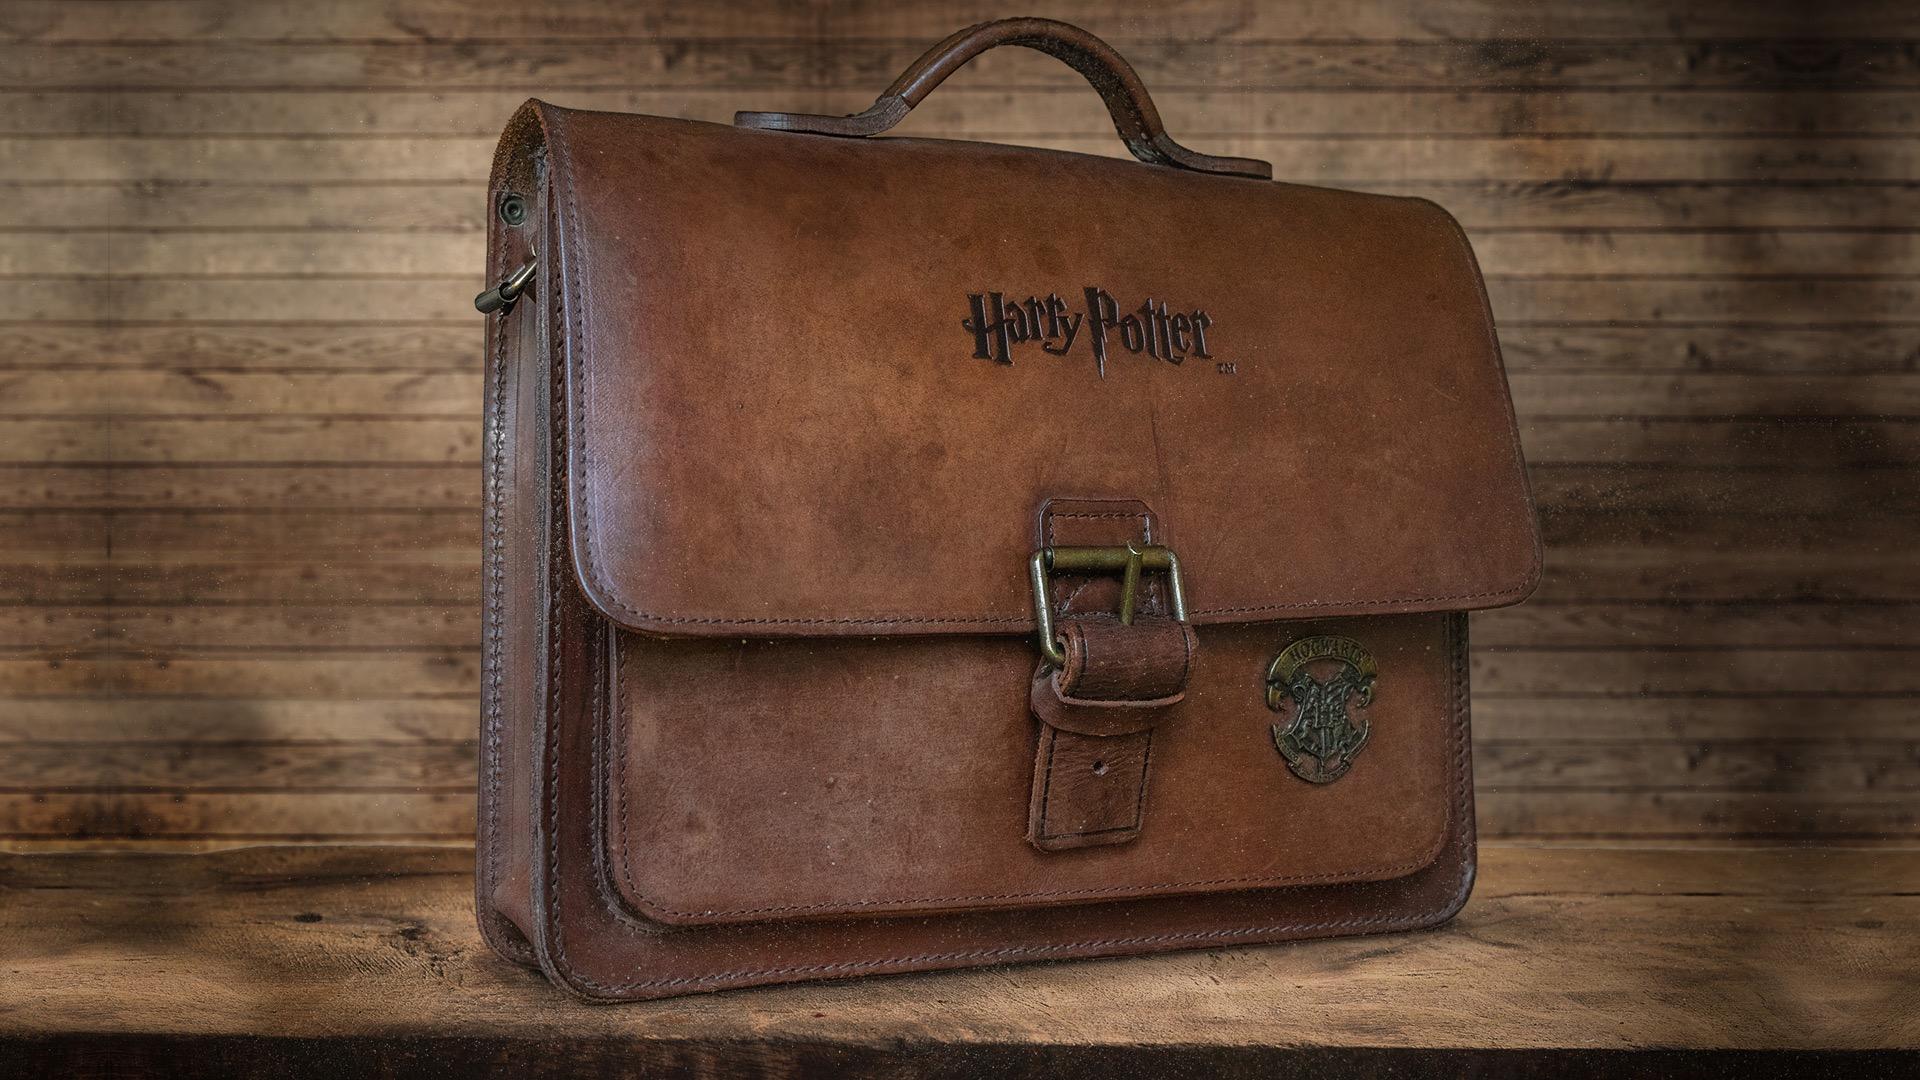 Acheter Je Harry Puis Encore Cartable Potter Un UzGqSVpLM